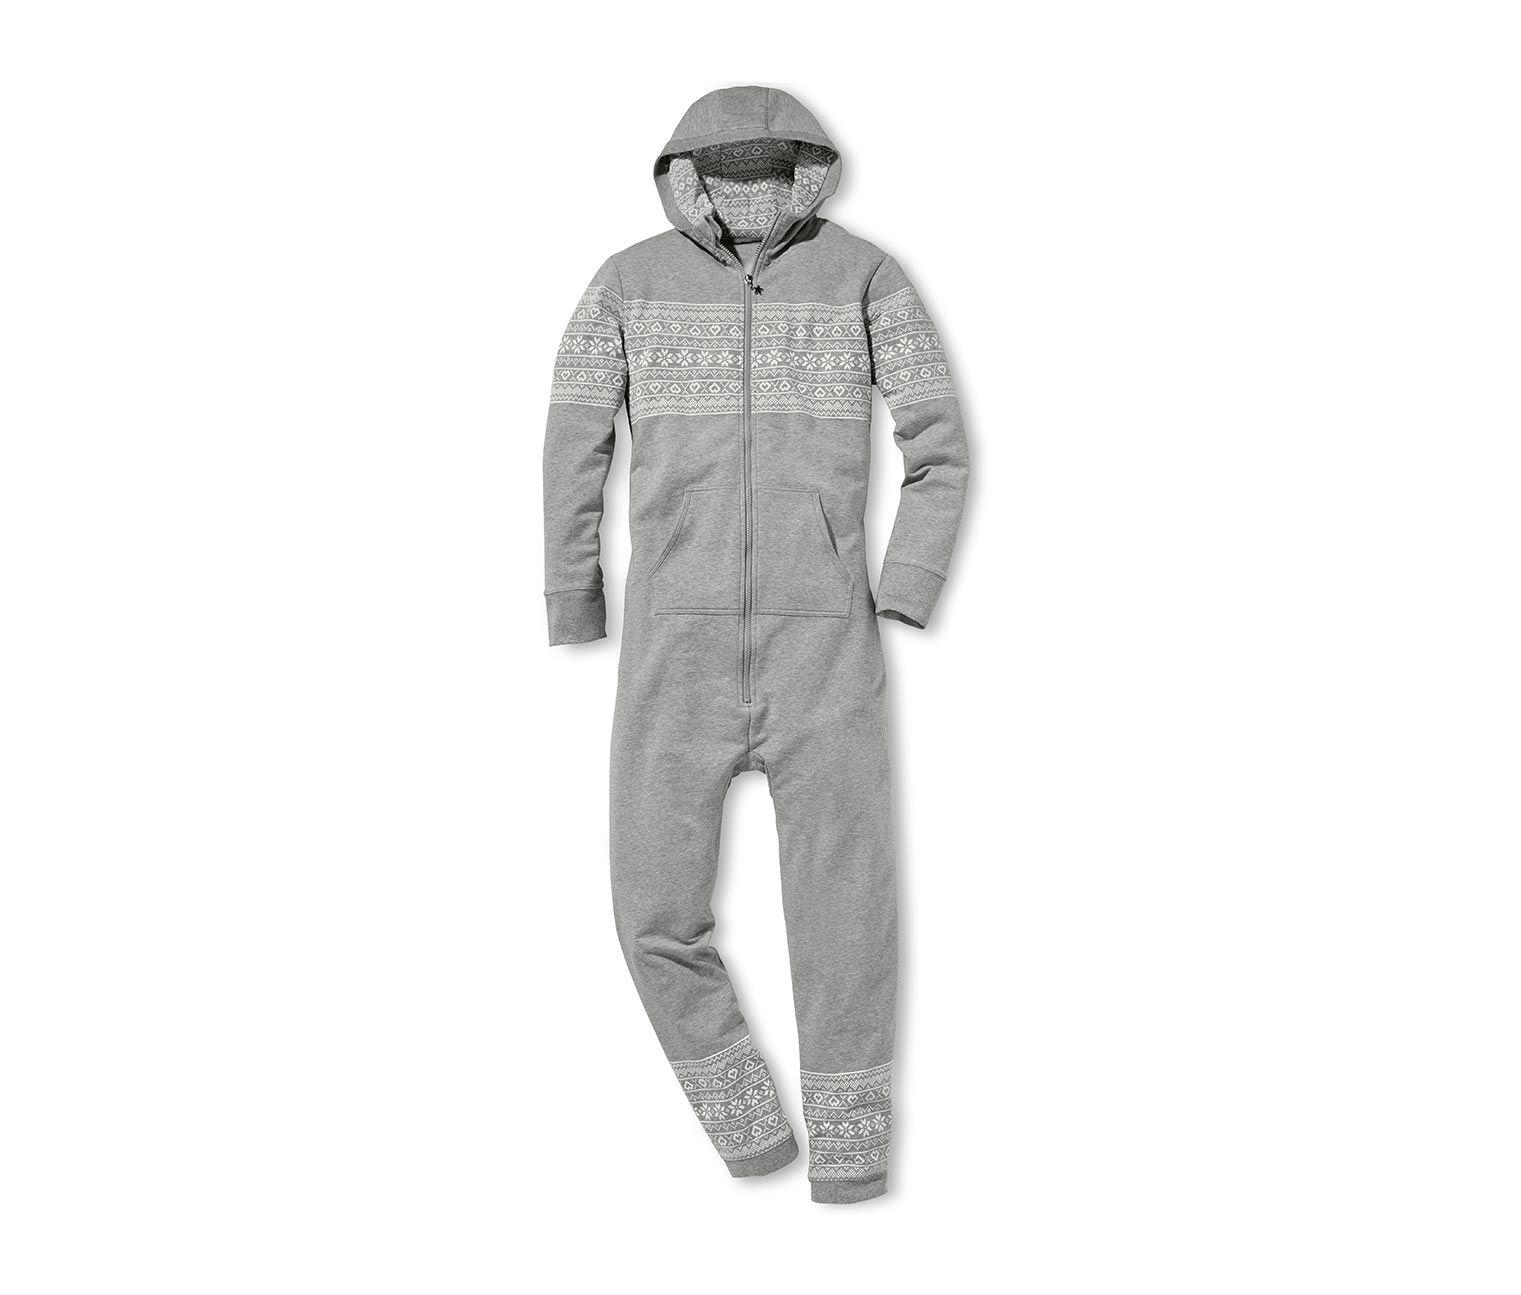 39,95 € Jetzt ist Gemütlichkeit angesagt! Der lässig weit geschnittene Jumpsuit ist durch die flauschig angeraute Innenseite besonders kuschelig.